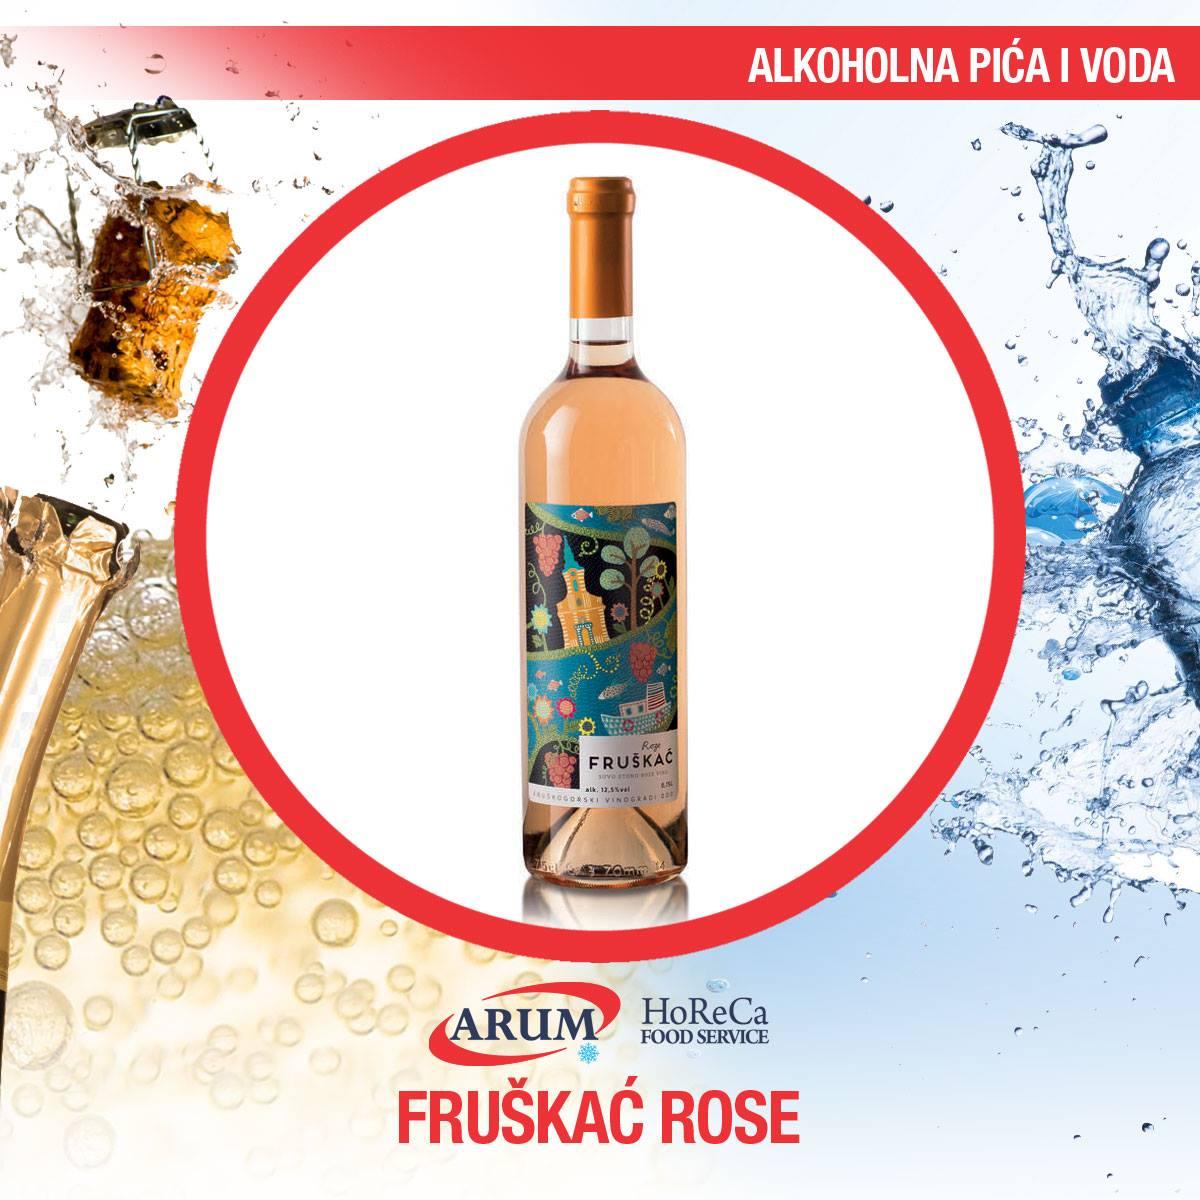 Fruskac rose 0/75